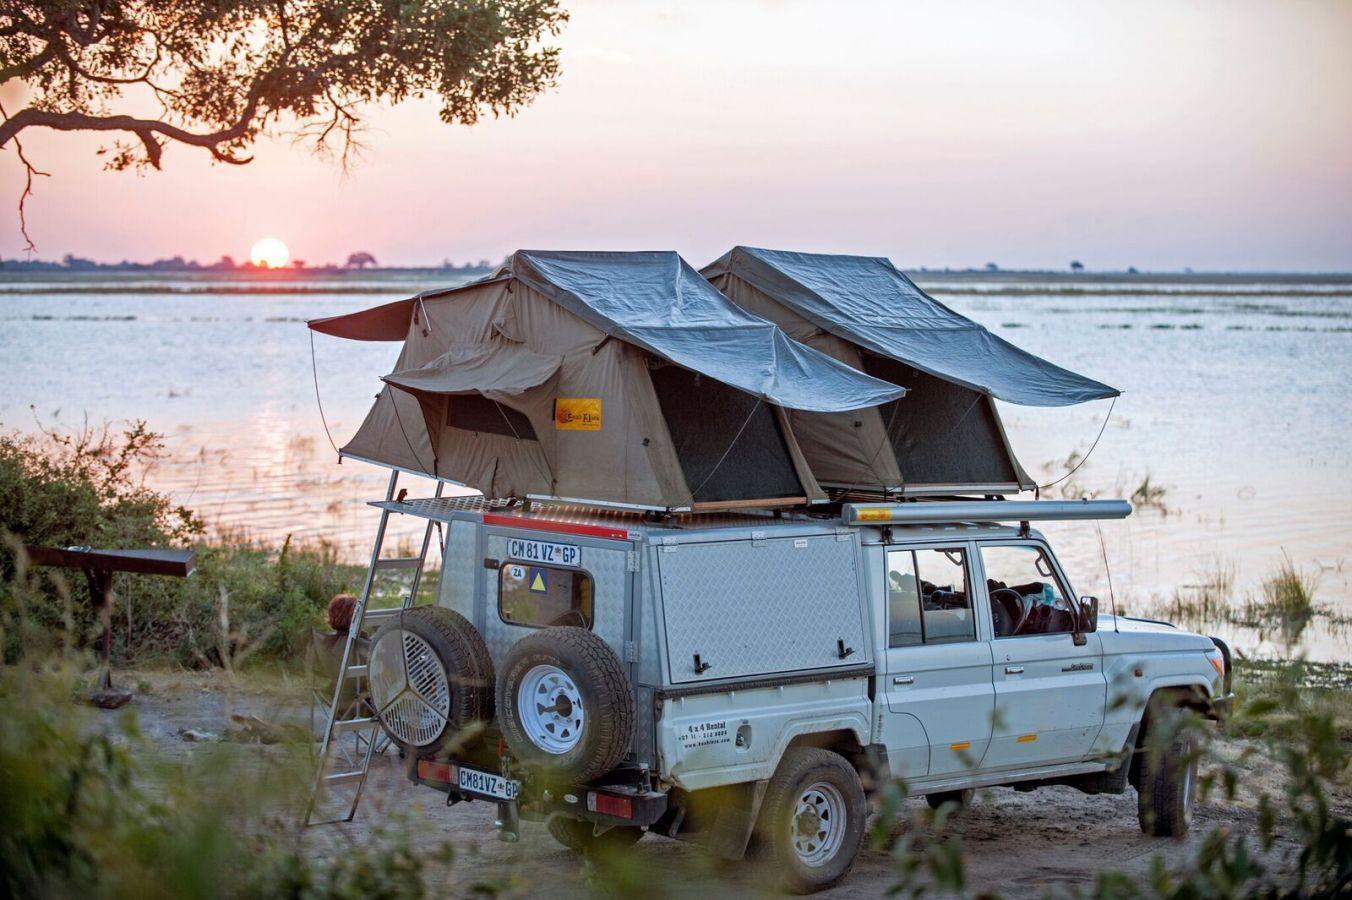 Toyota Landcruiser Double Cab met daktenten op campsite